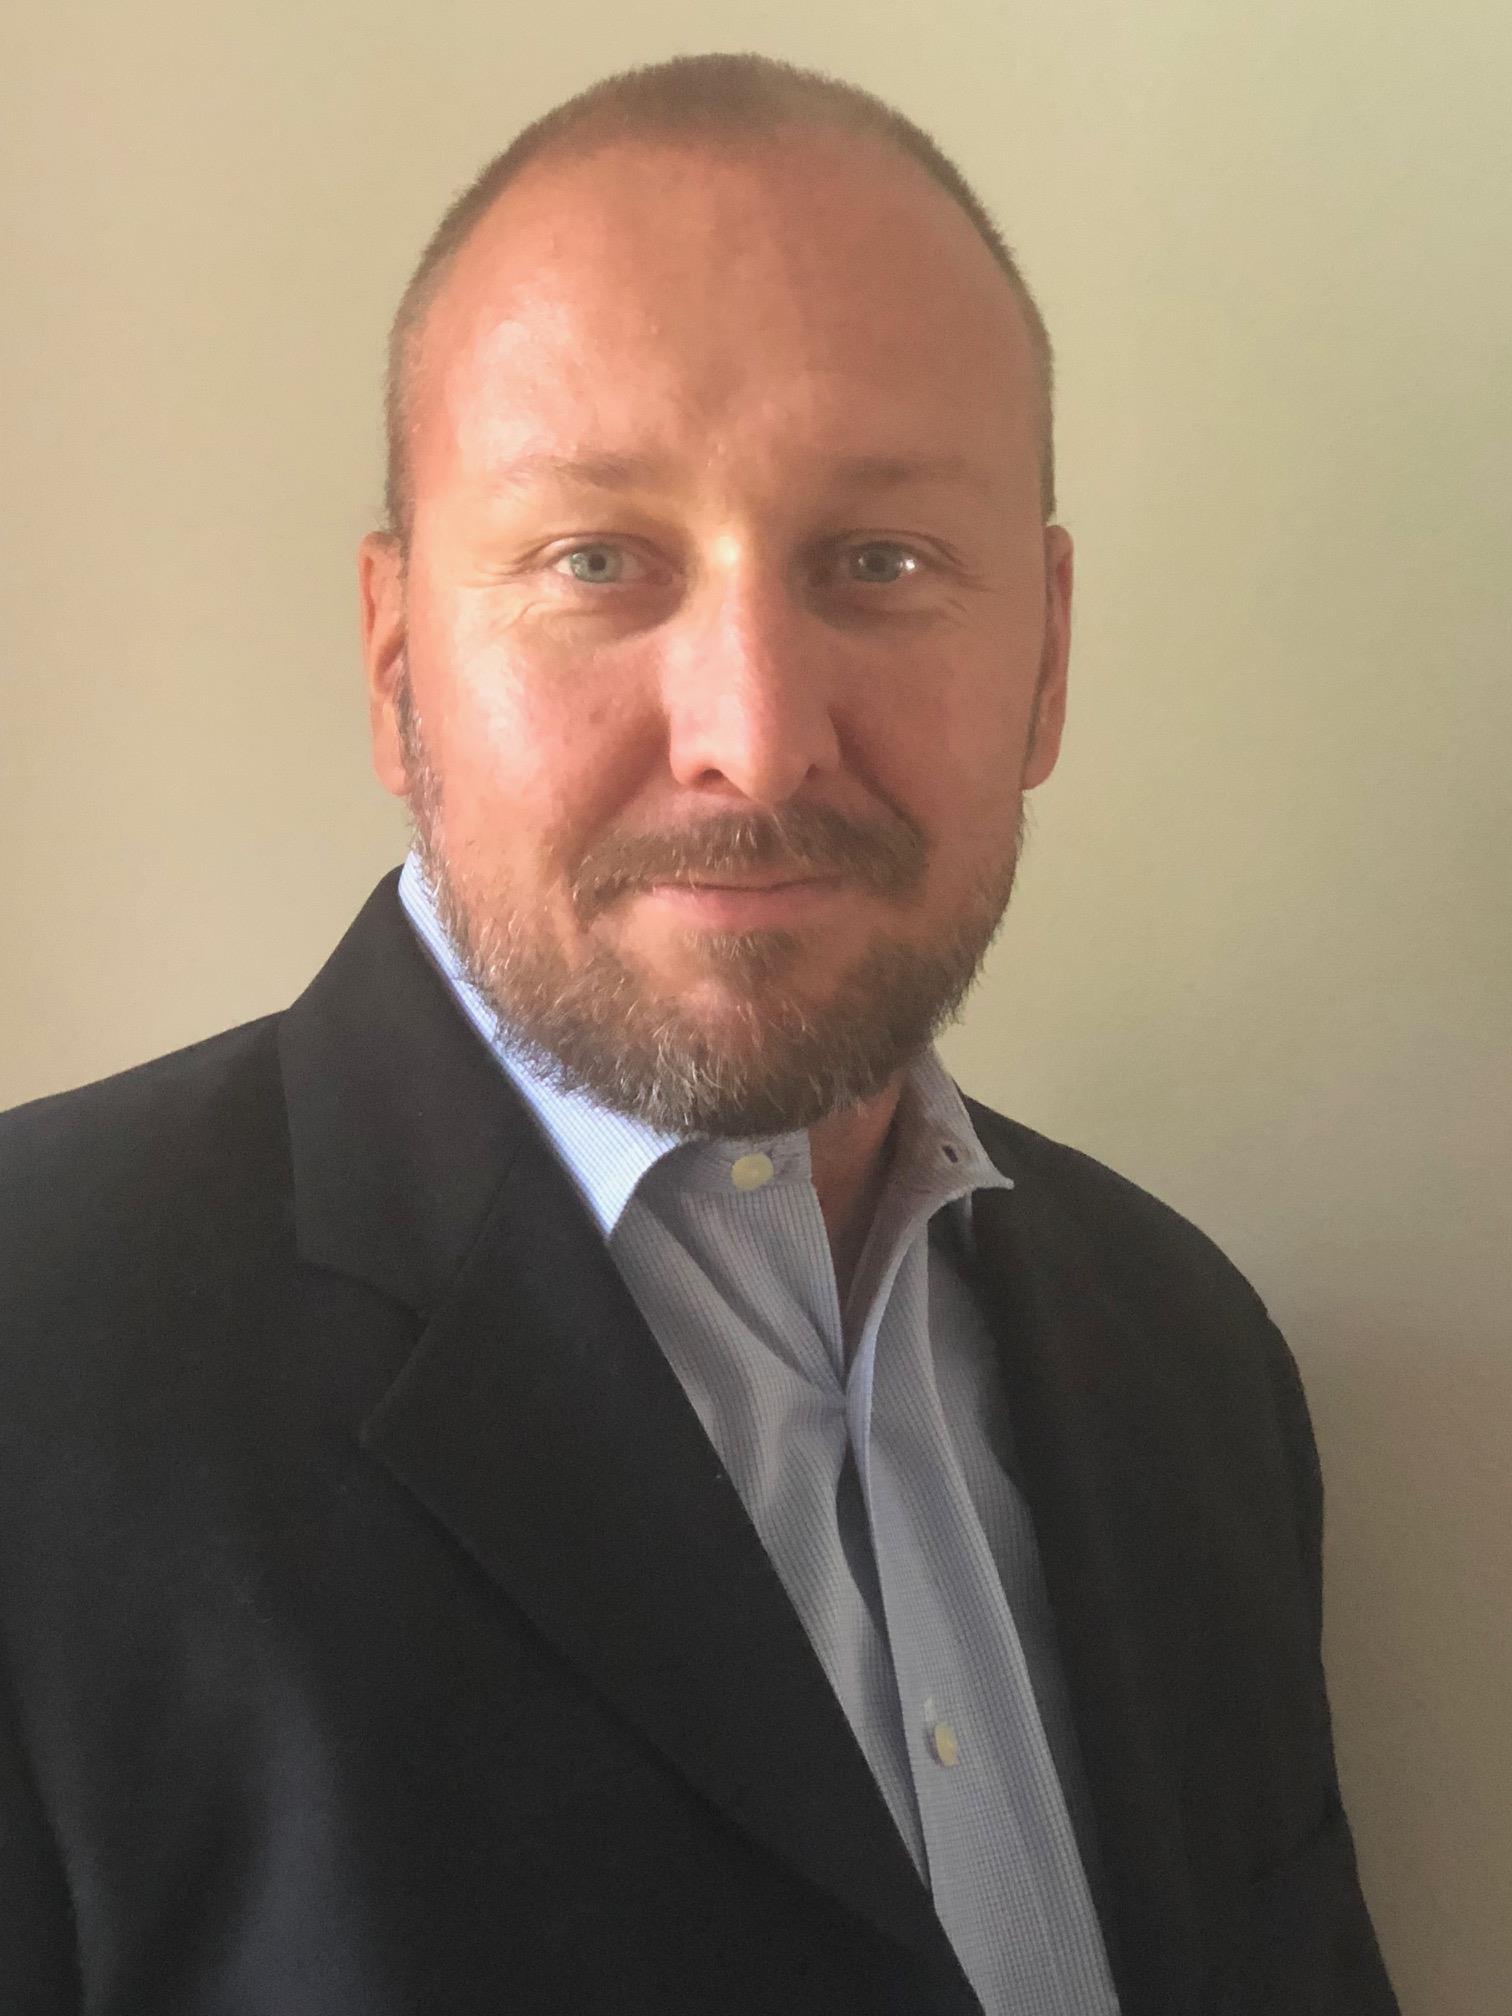 Timo Tiitinen